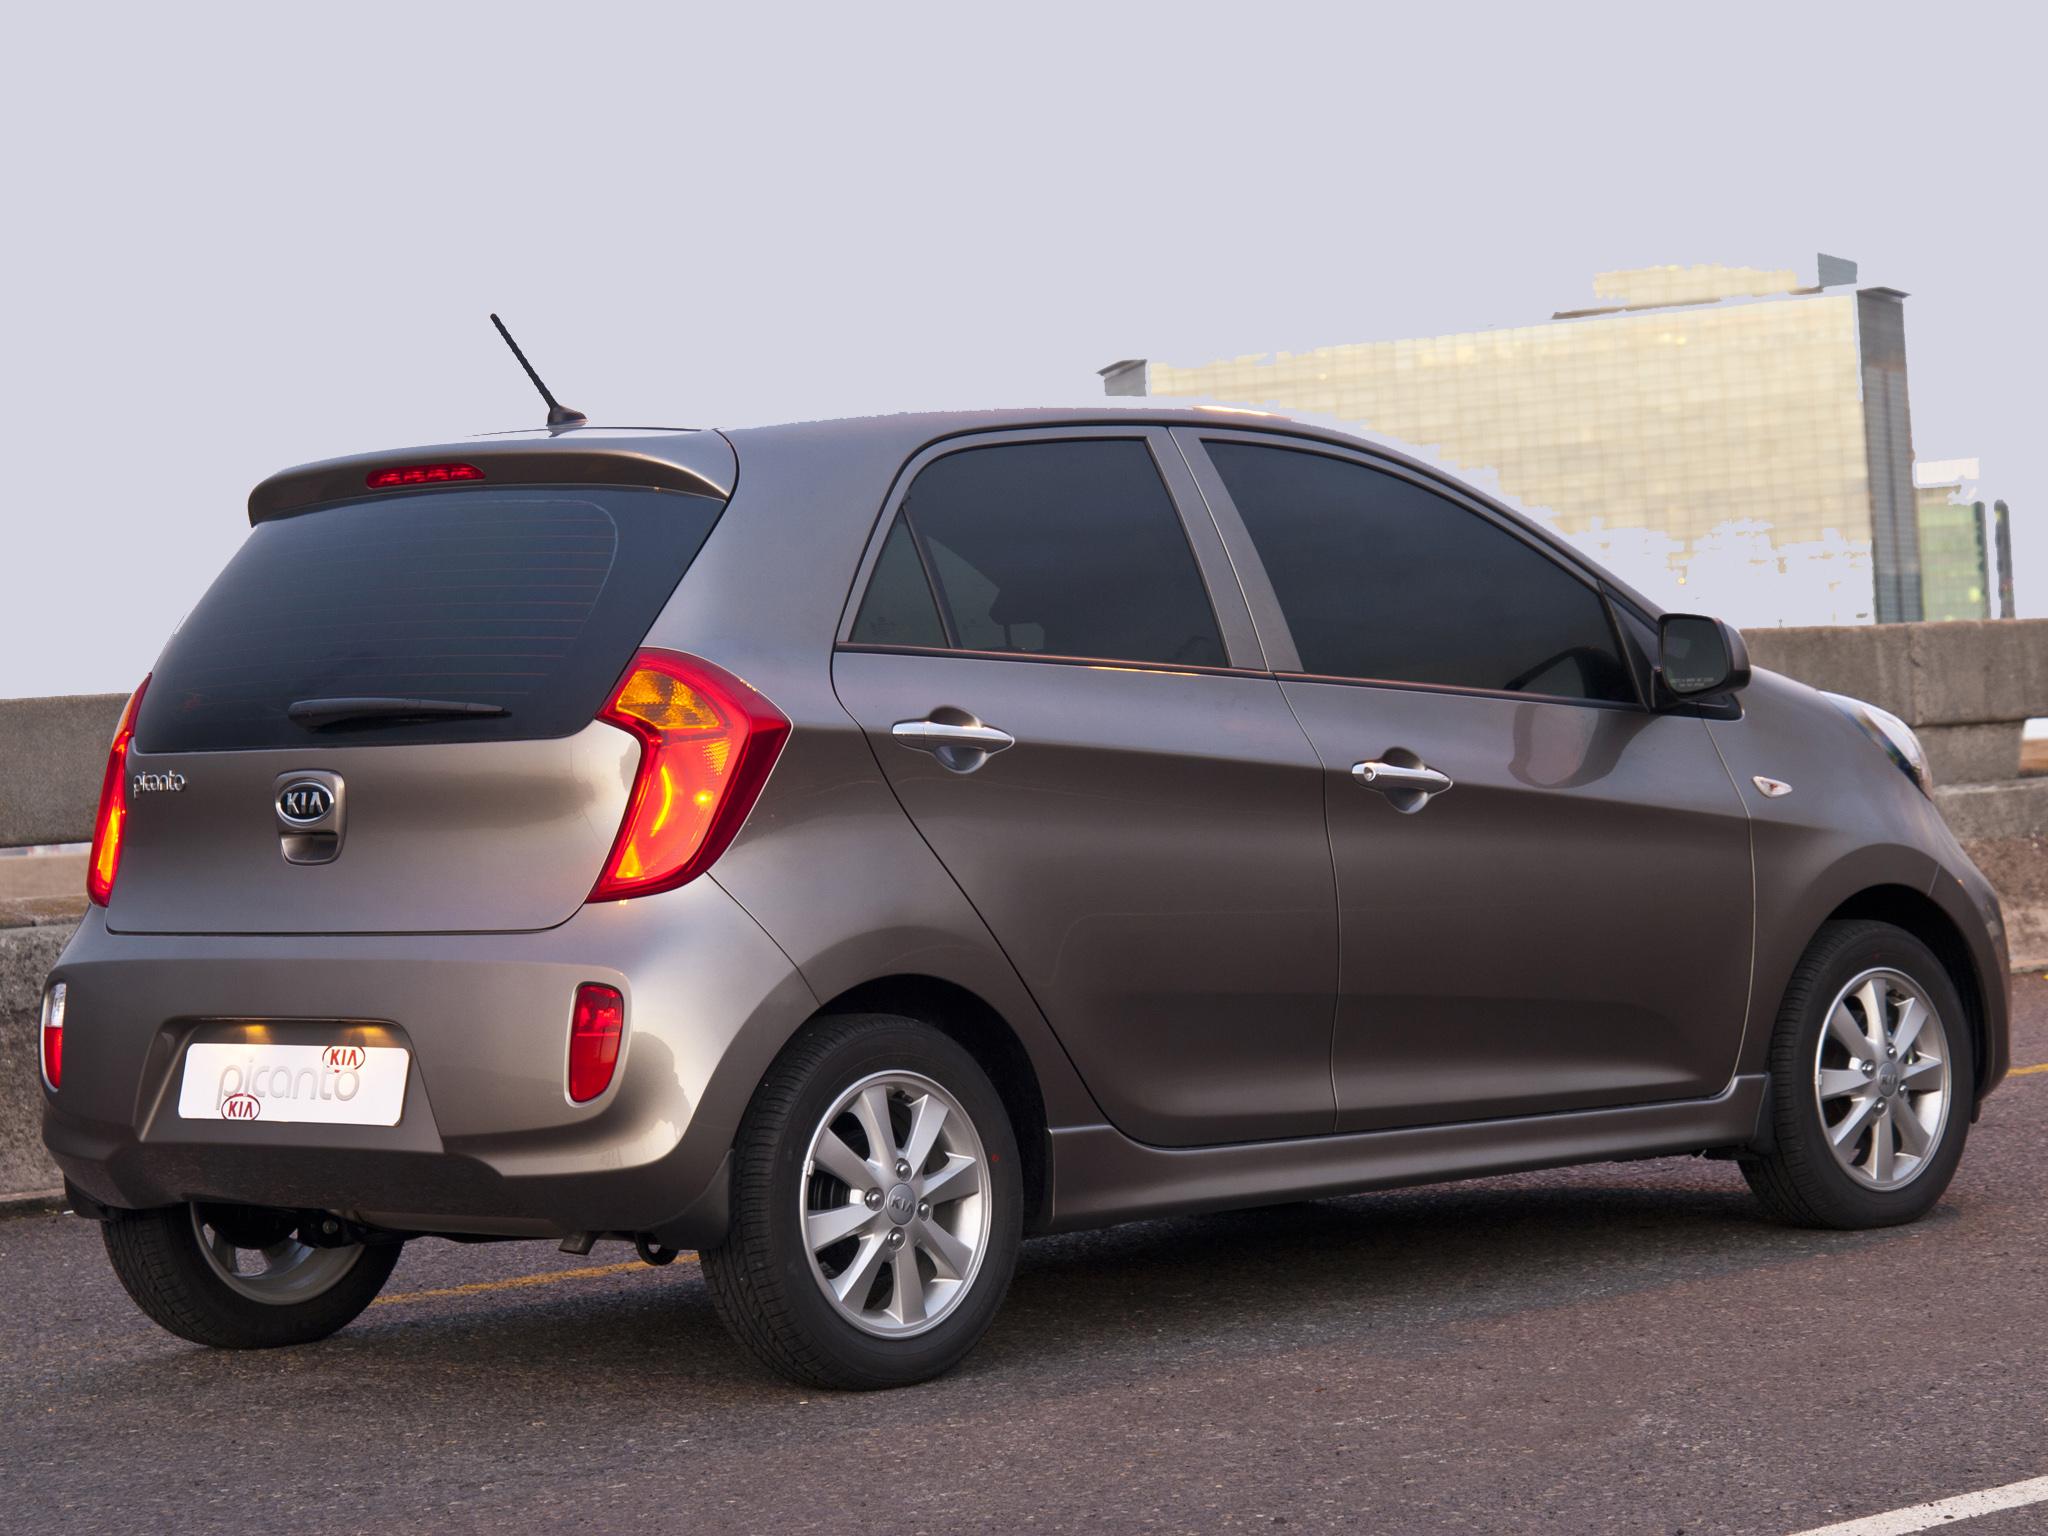 Kia Cars In India  Price